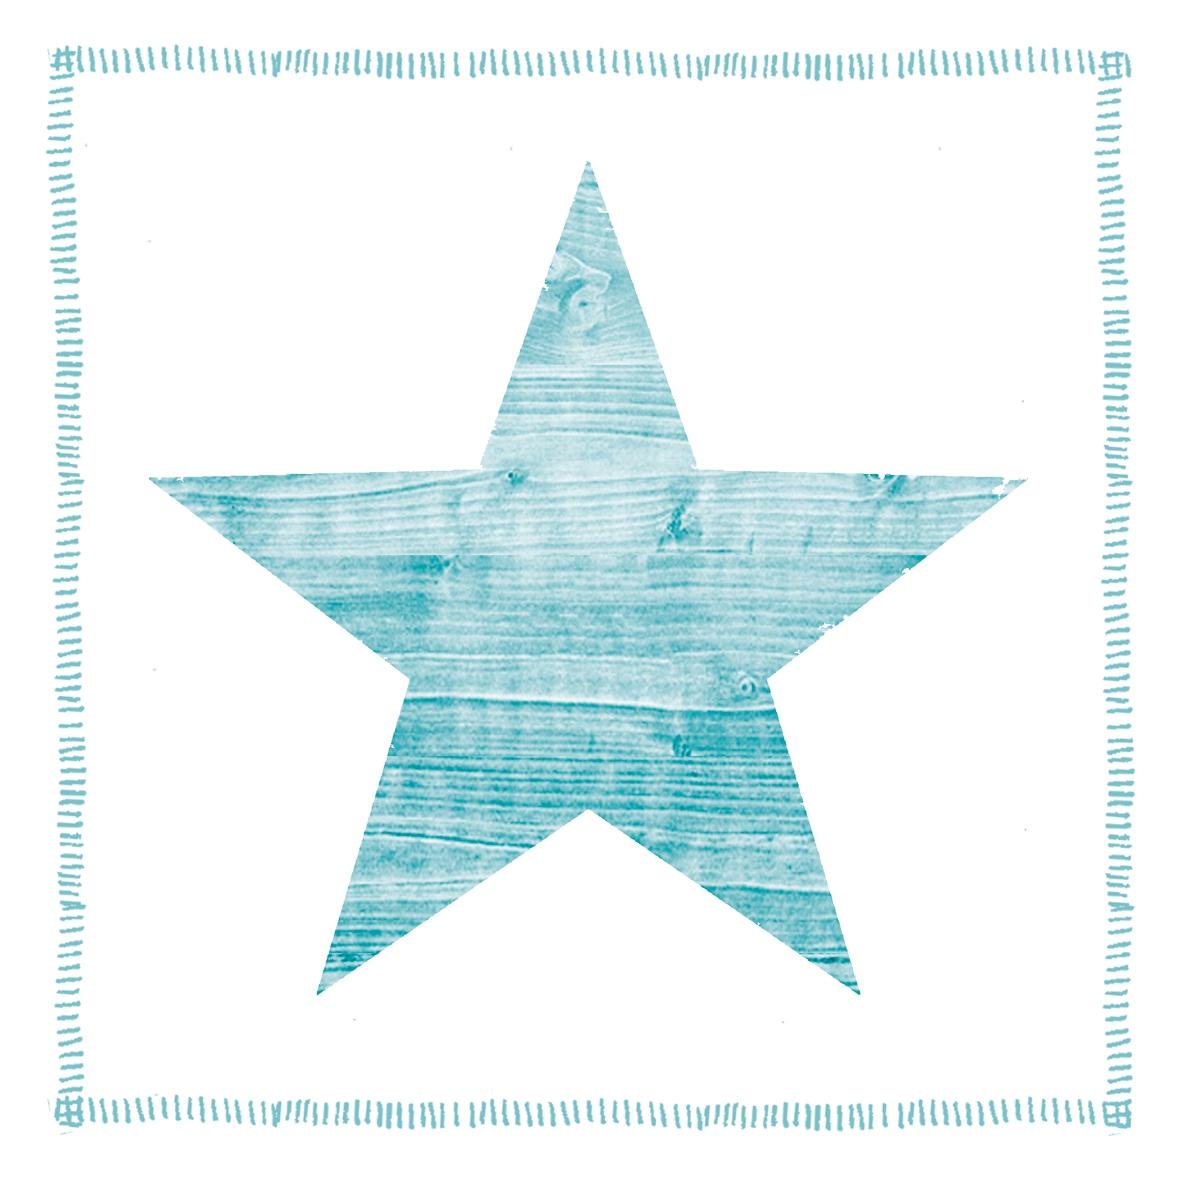 Neuheiten ppd ,  Sonstiges -  Sonstiges,  Everyday,  lunchservietten,  Sterne